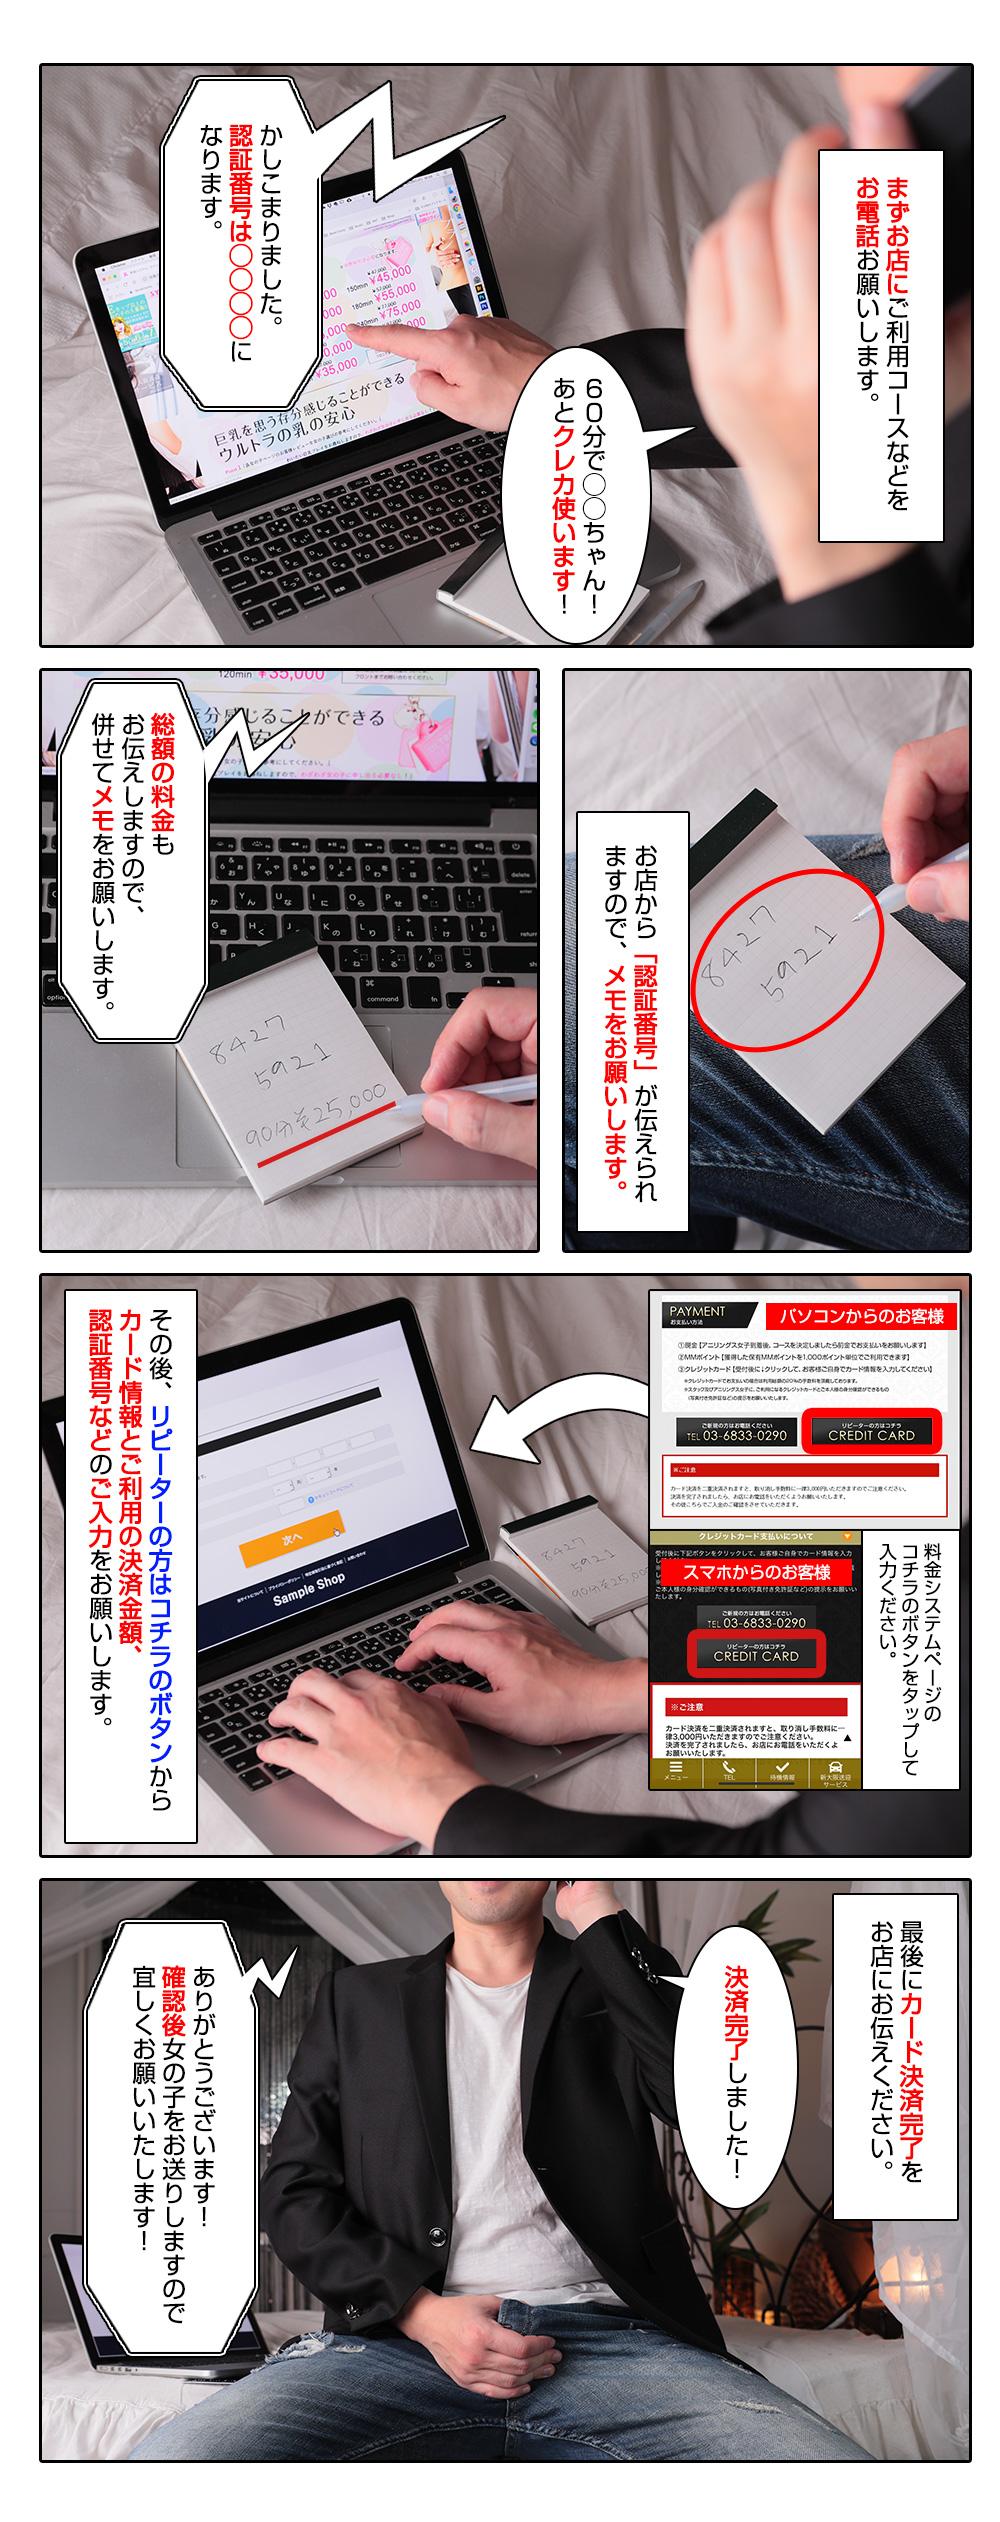 クレジットカード手続き方法【リピーター編】